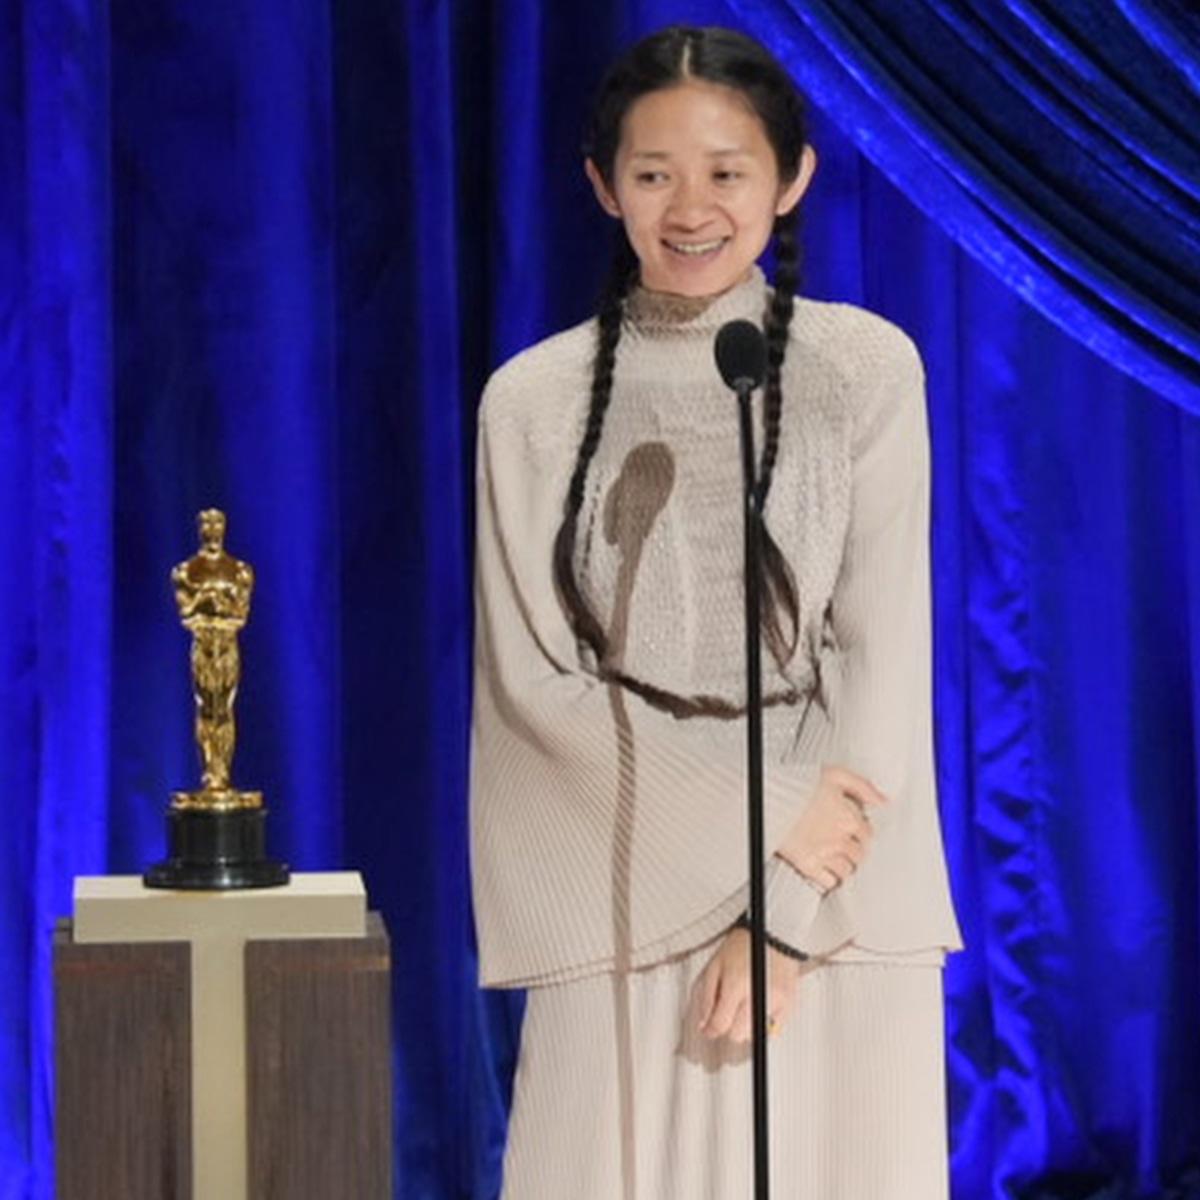 Lista completa de ganadores de los Oscars 2021 - E! Online Latino - CO